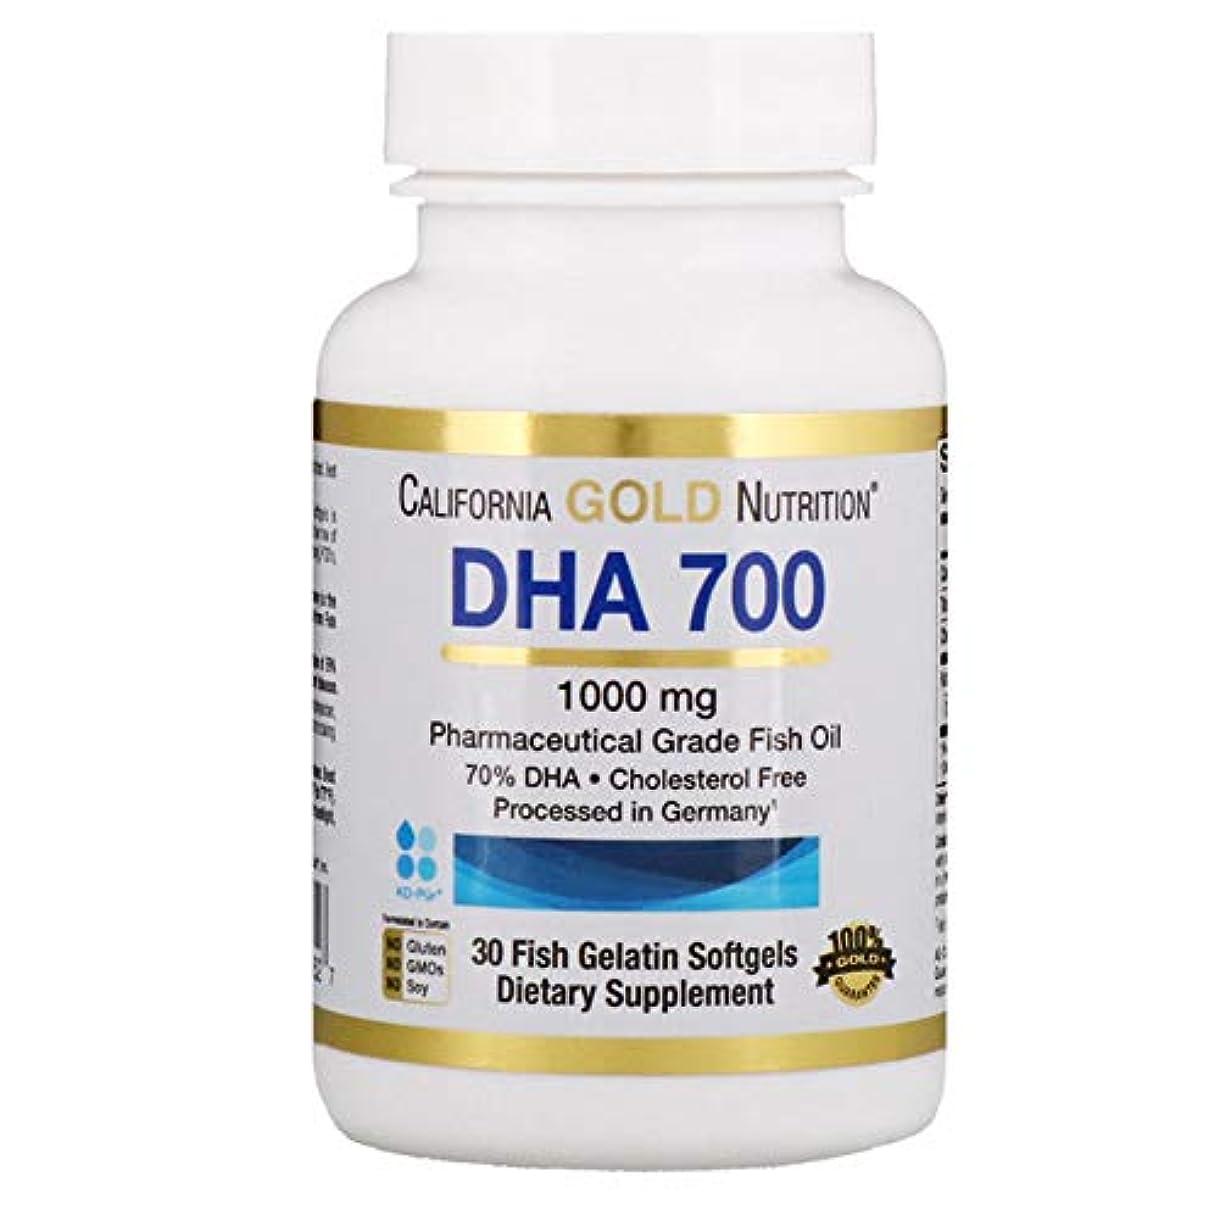 関税文芸野心California Gold Nutrition DHA 700 フィッシュオイル 医薬品グレード 1000 mg 魚ゼラチンソフトジェル 30個 【アメリカ直送】